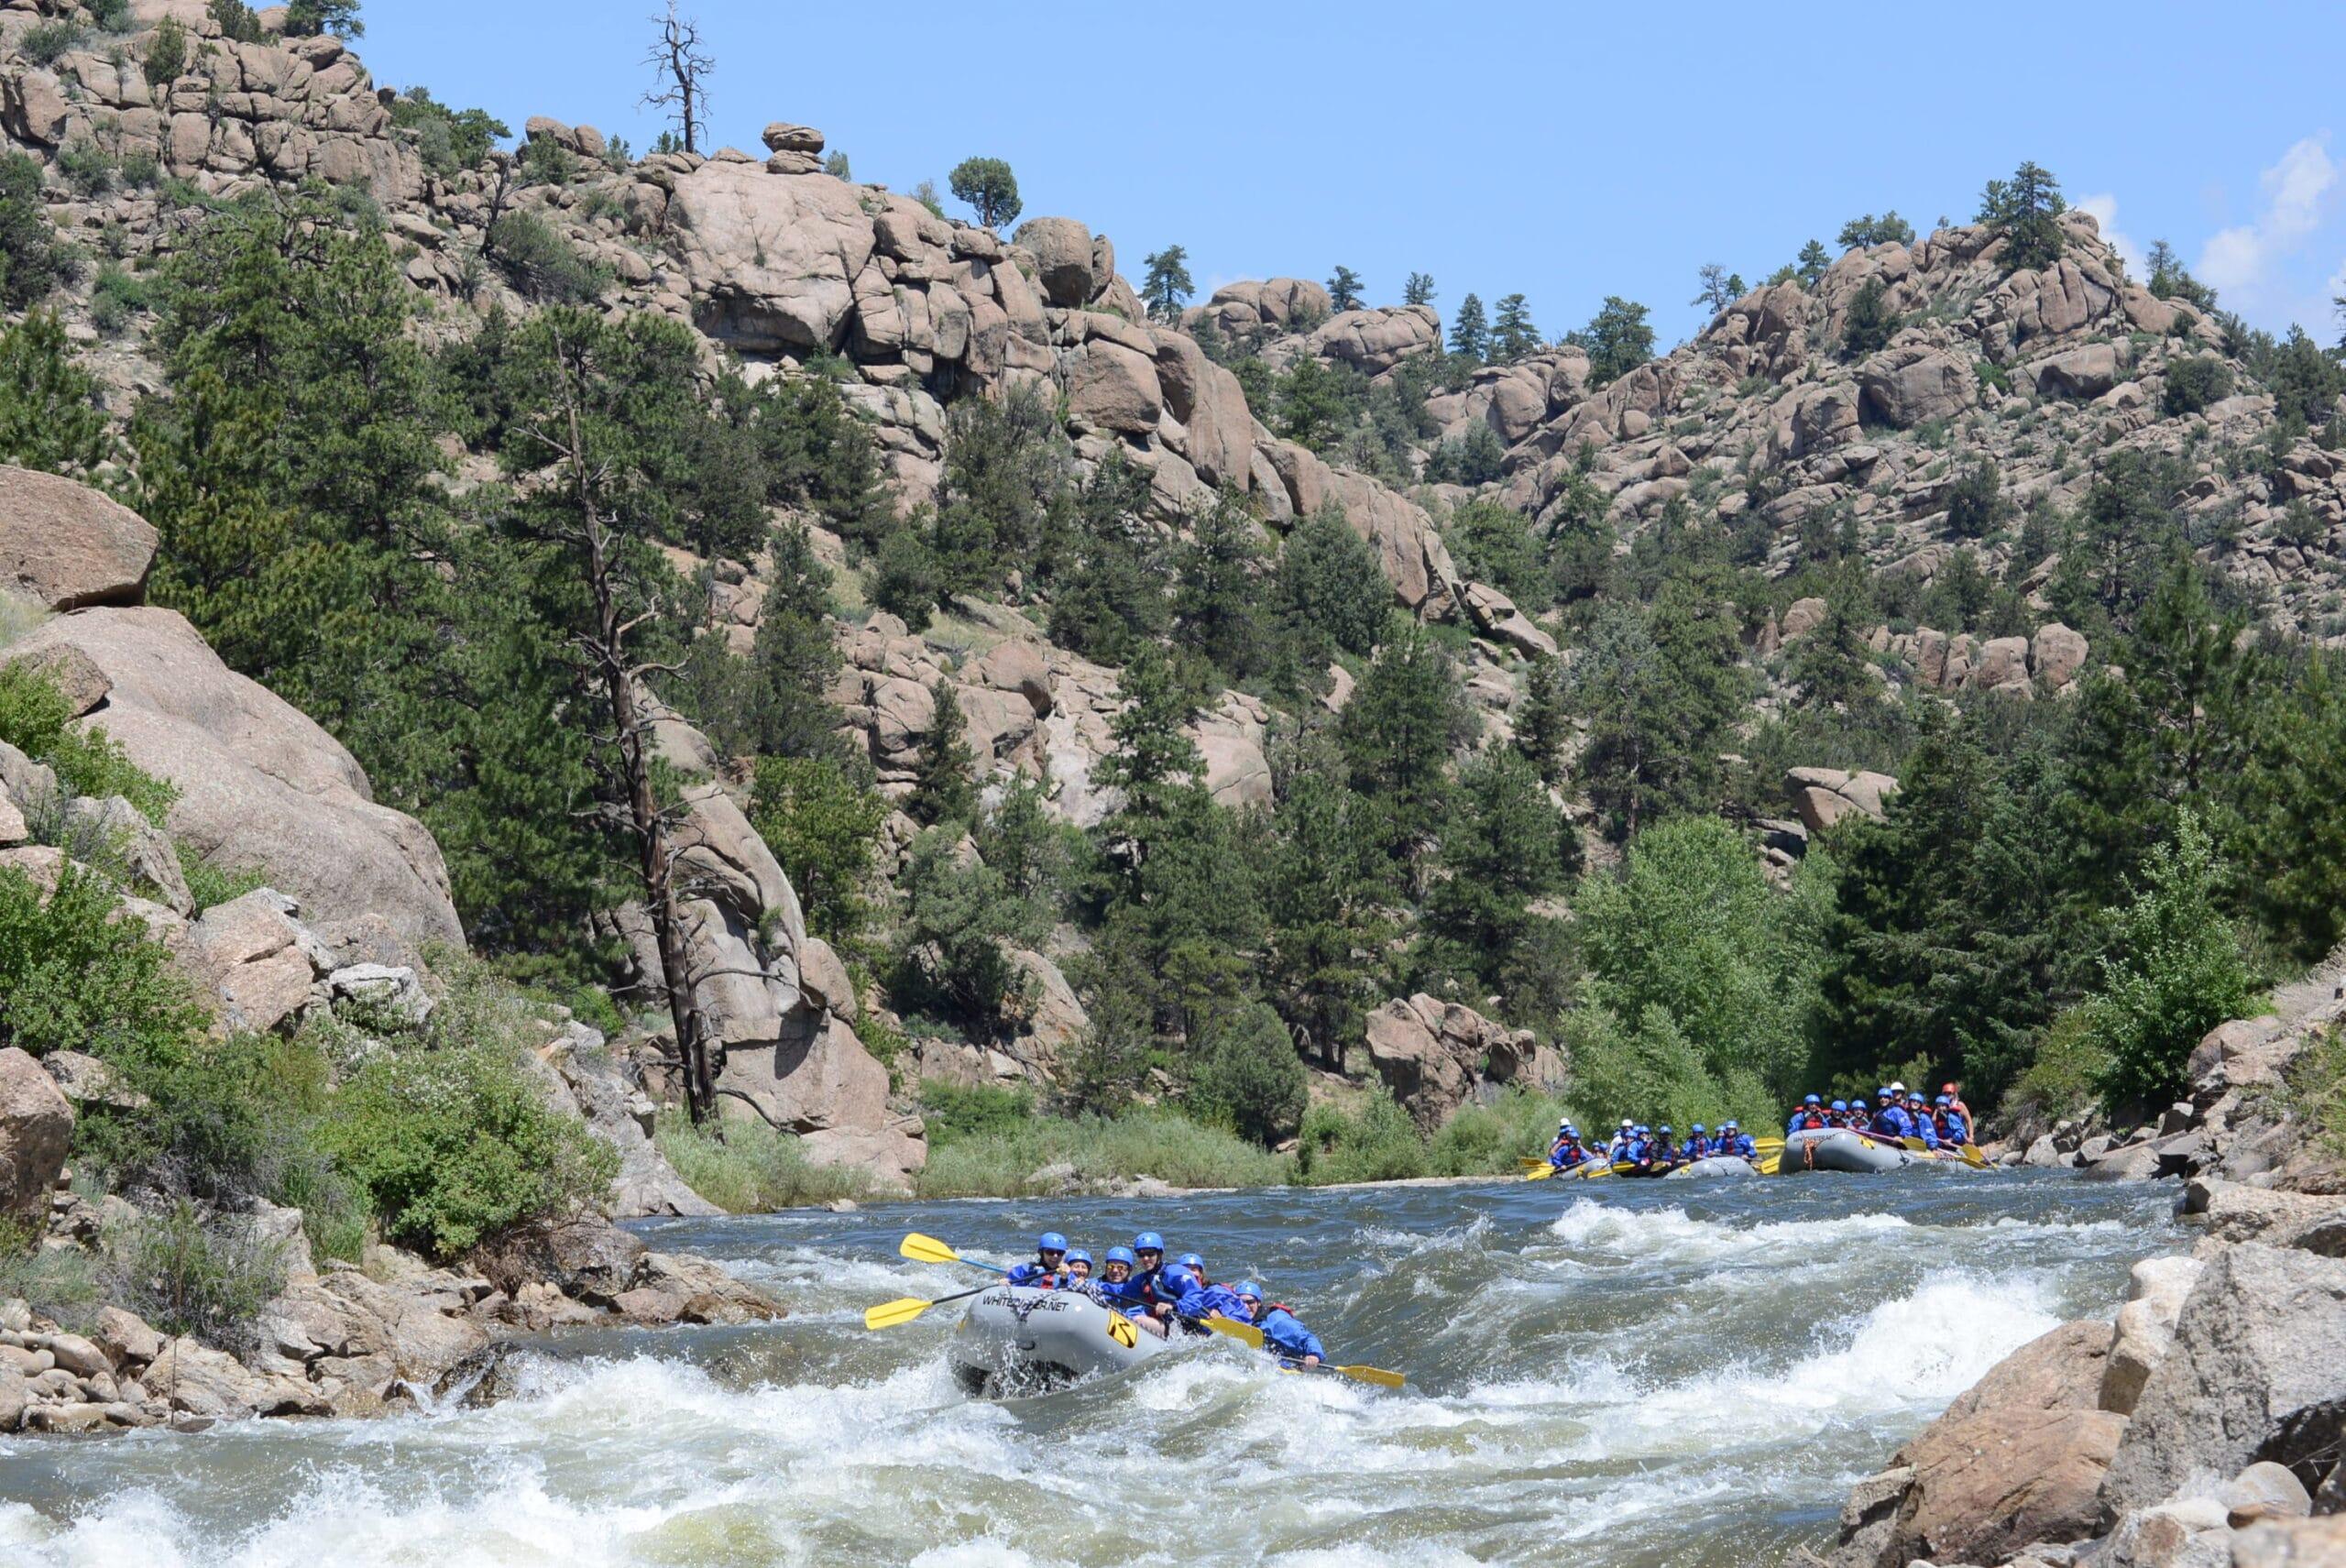 Browns Canyon rafting trips near Buena Vista, Colorado.